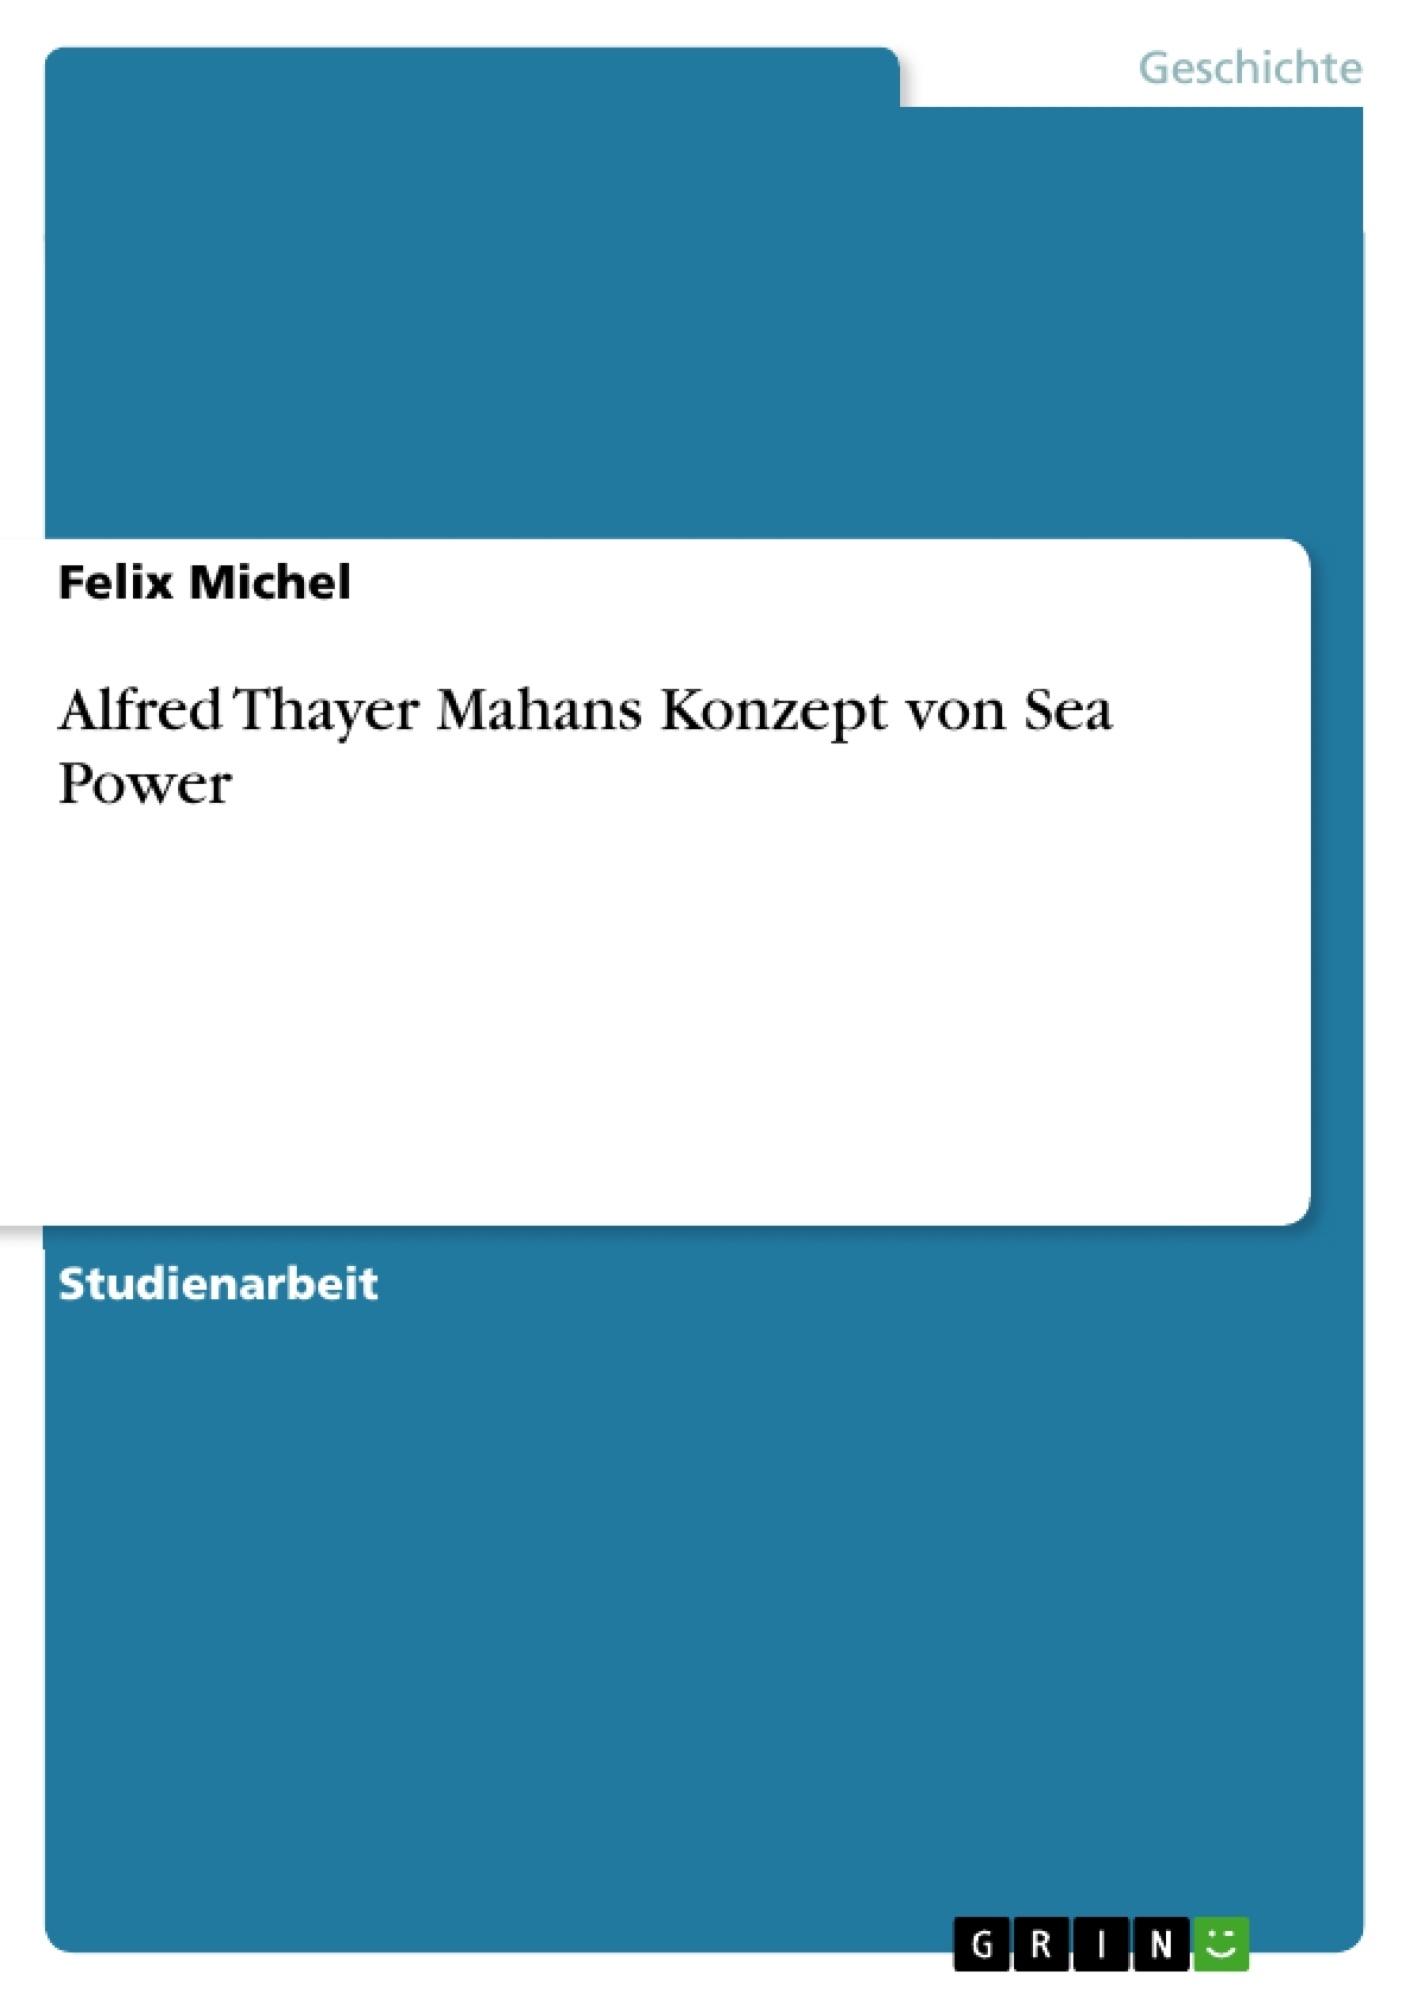 Titel: Alfred Thayer Mahans Konzept von Sea Power